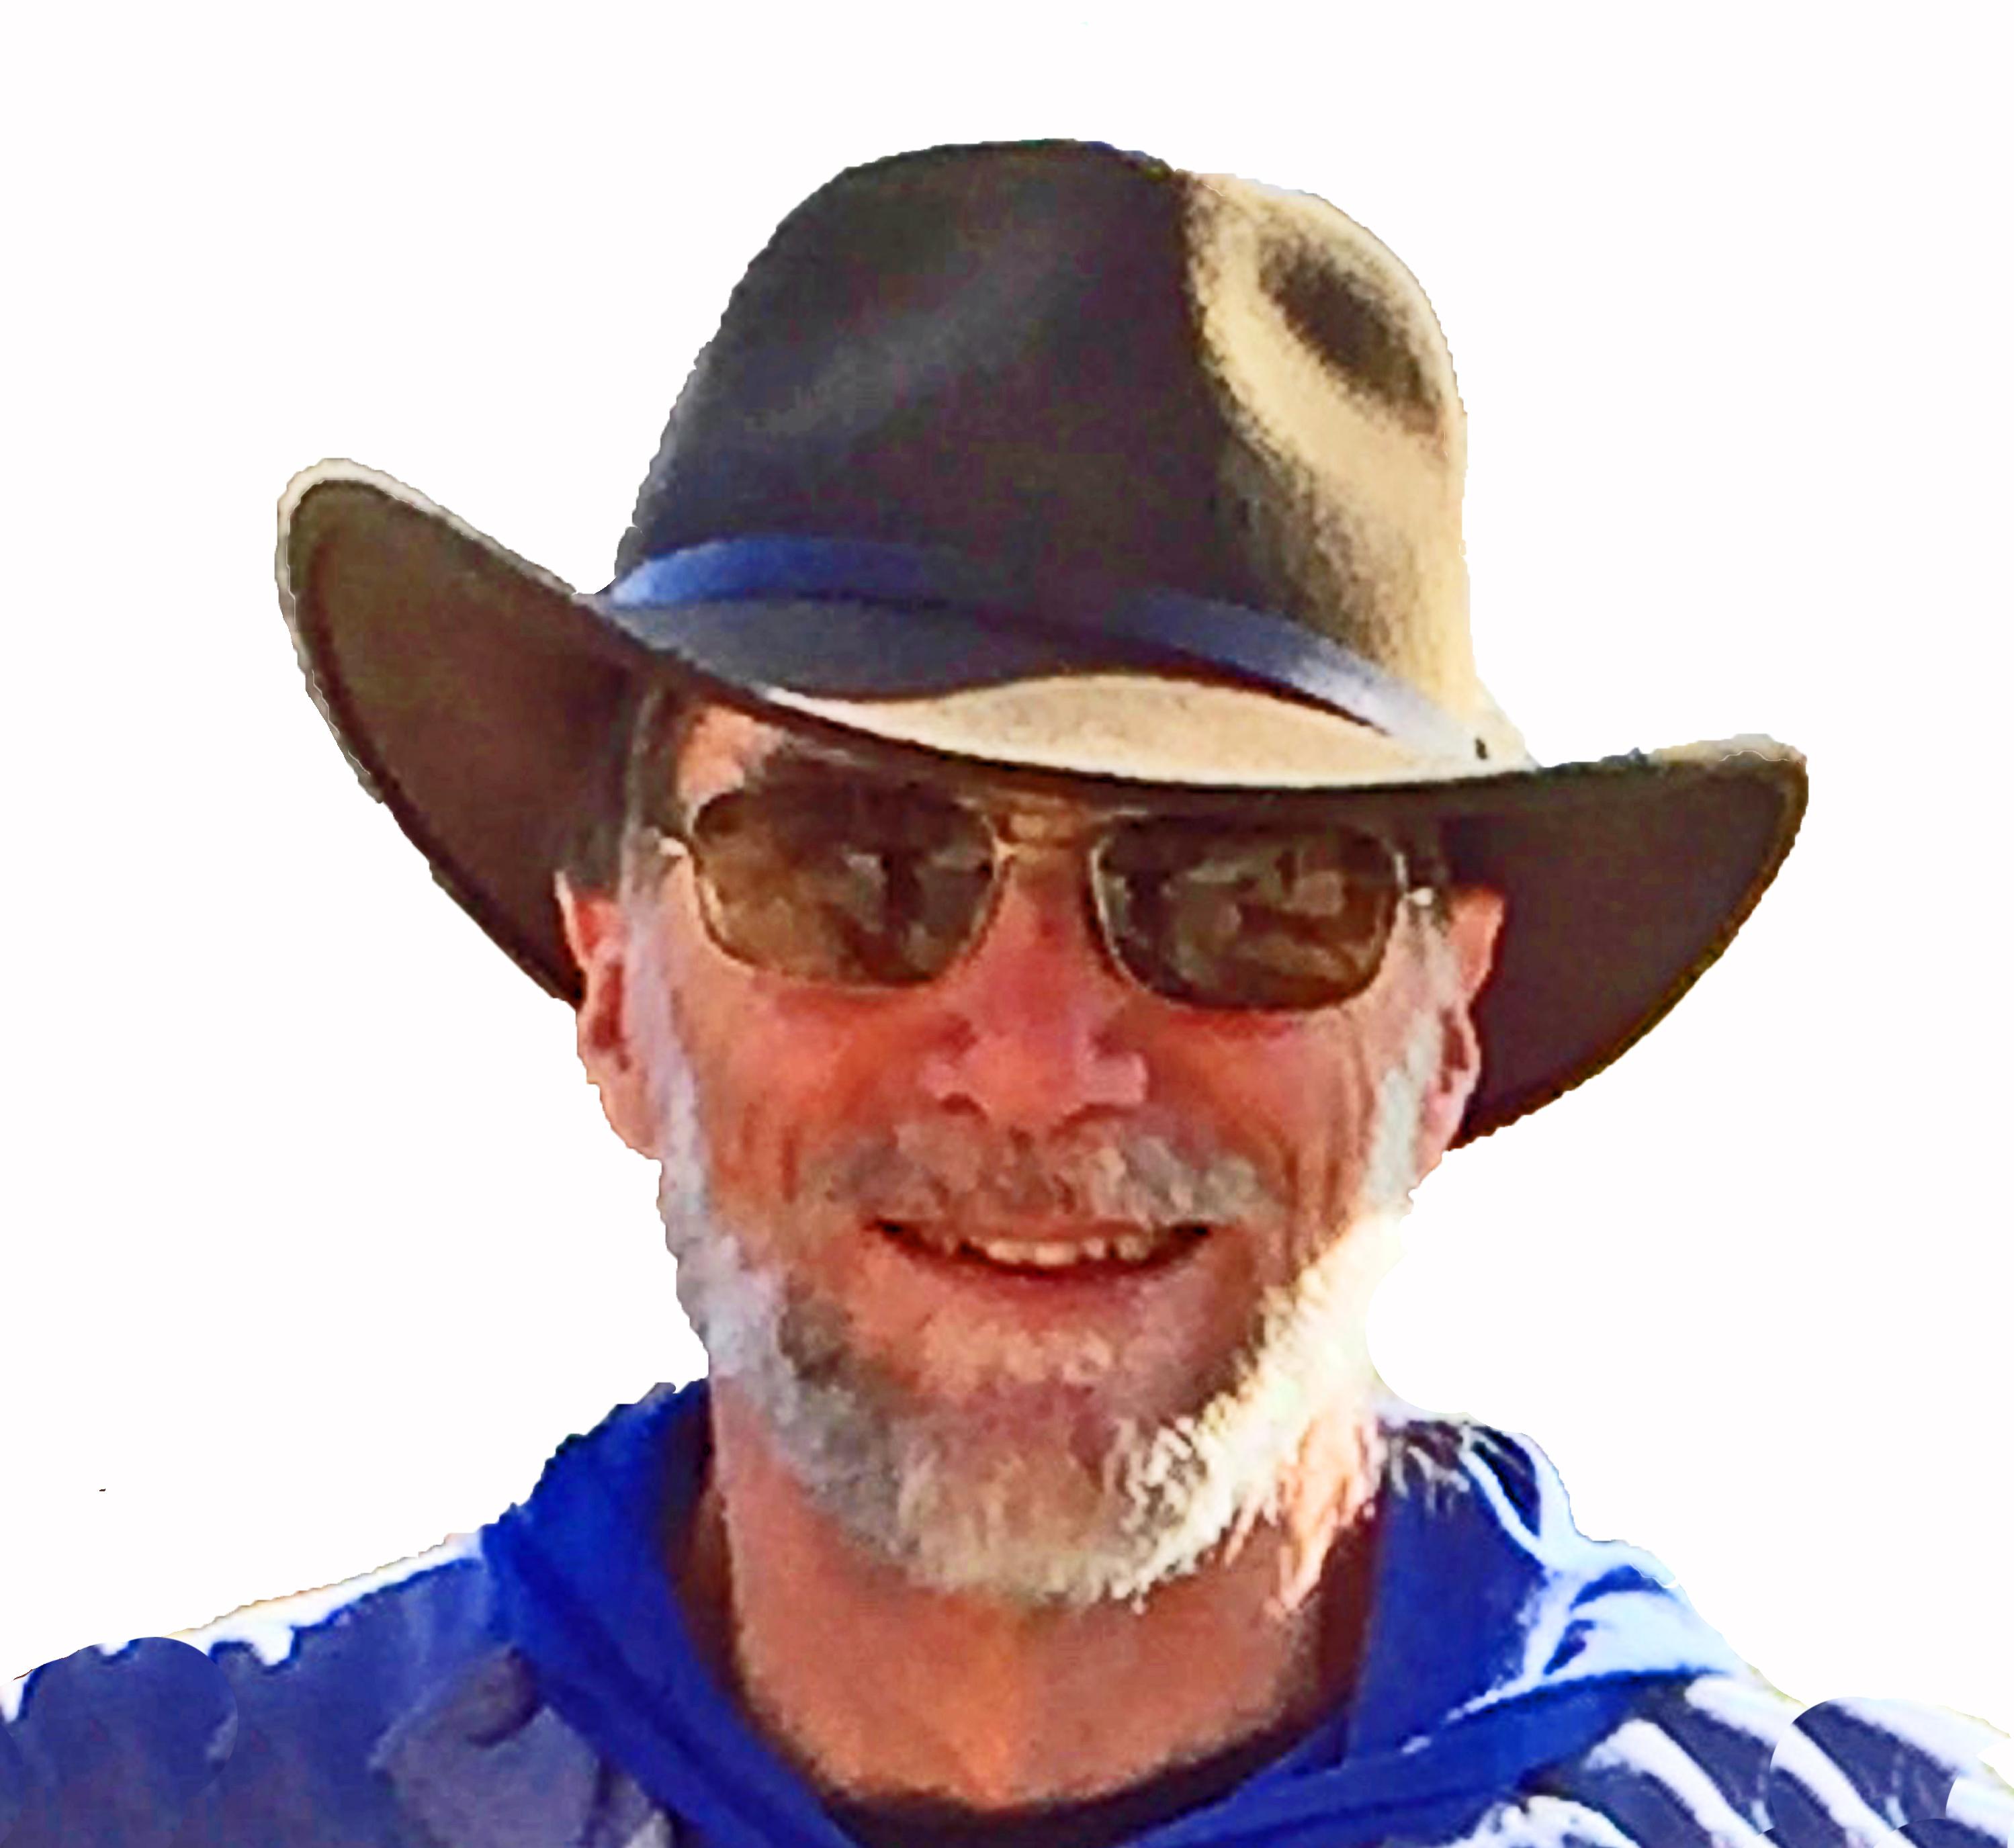 Joe shades hat